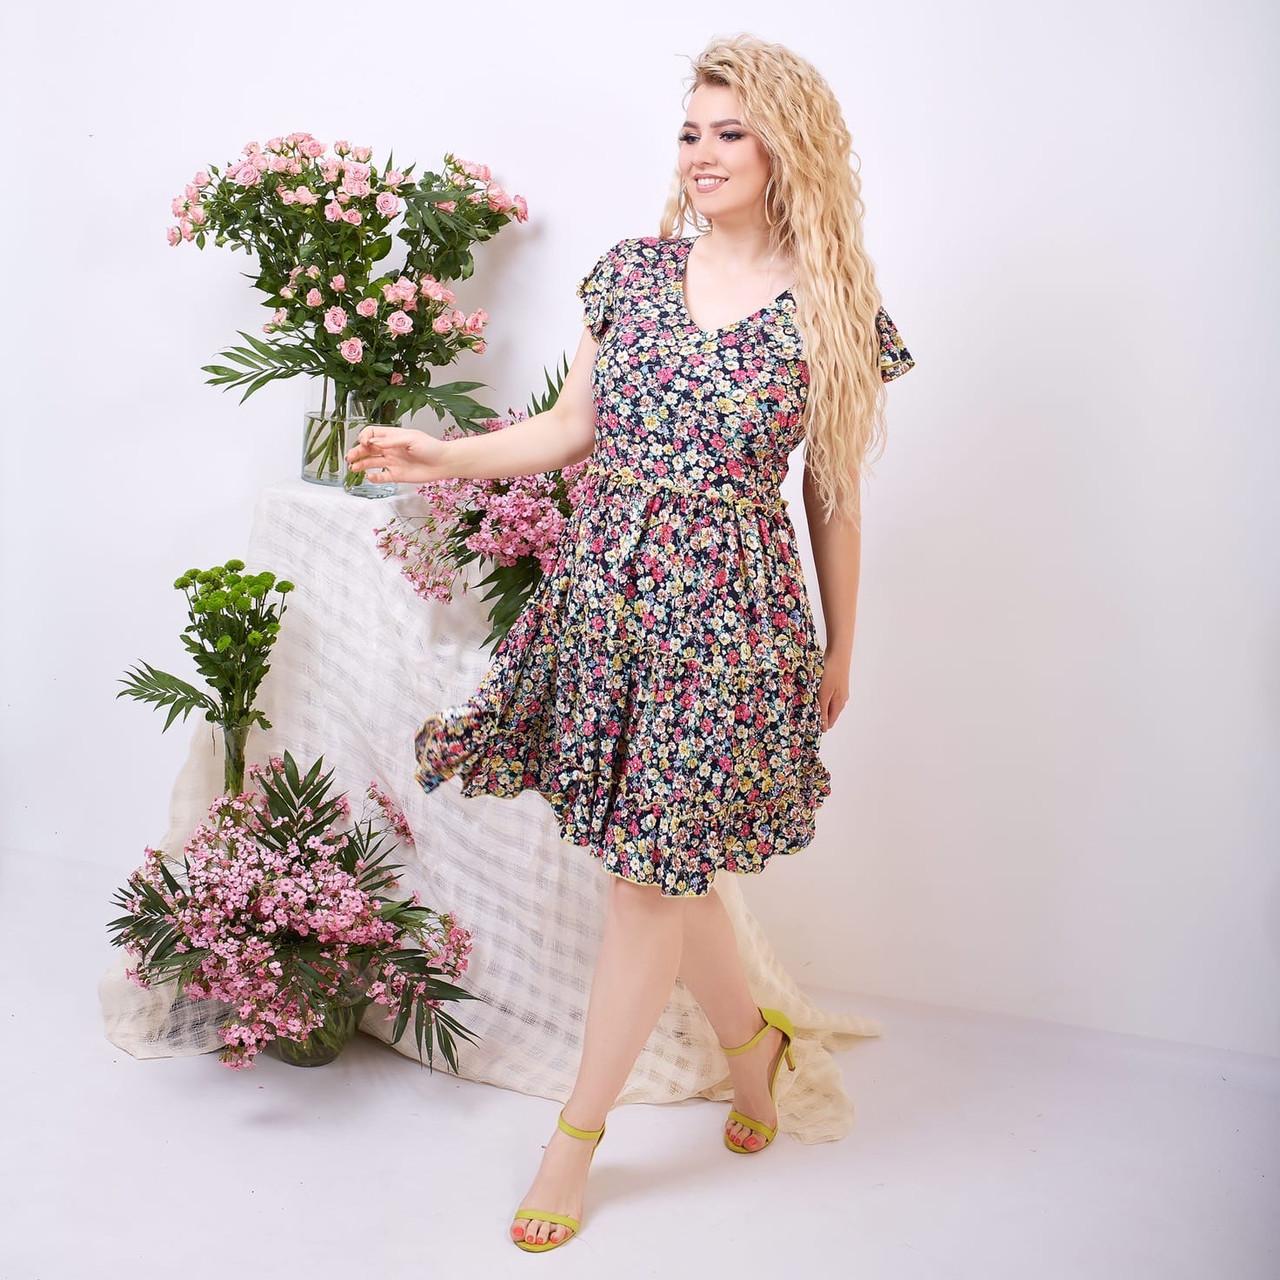 Платье летнее с пышной юбкой из натуральной ткани цветочный принт р.42-44,46-48,50-52 код 285/1Э